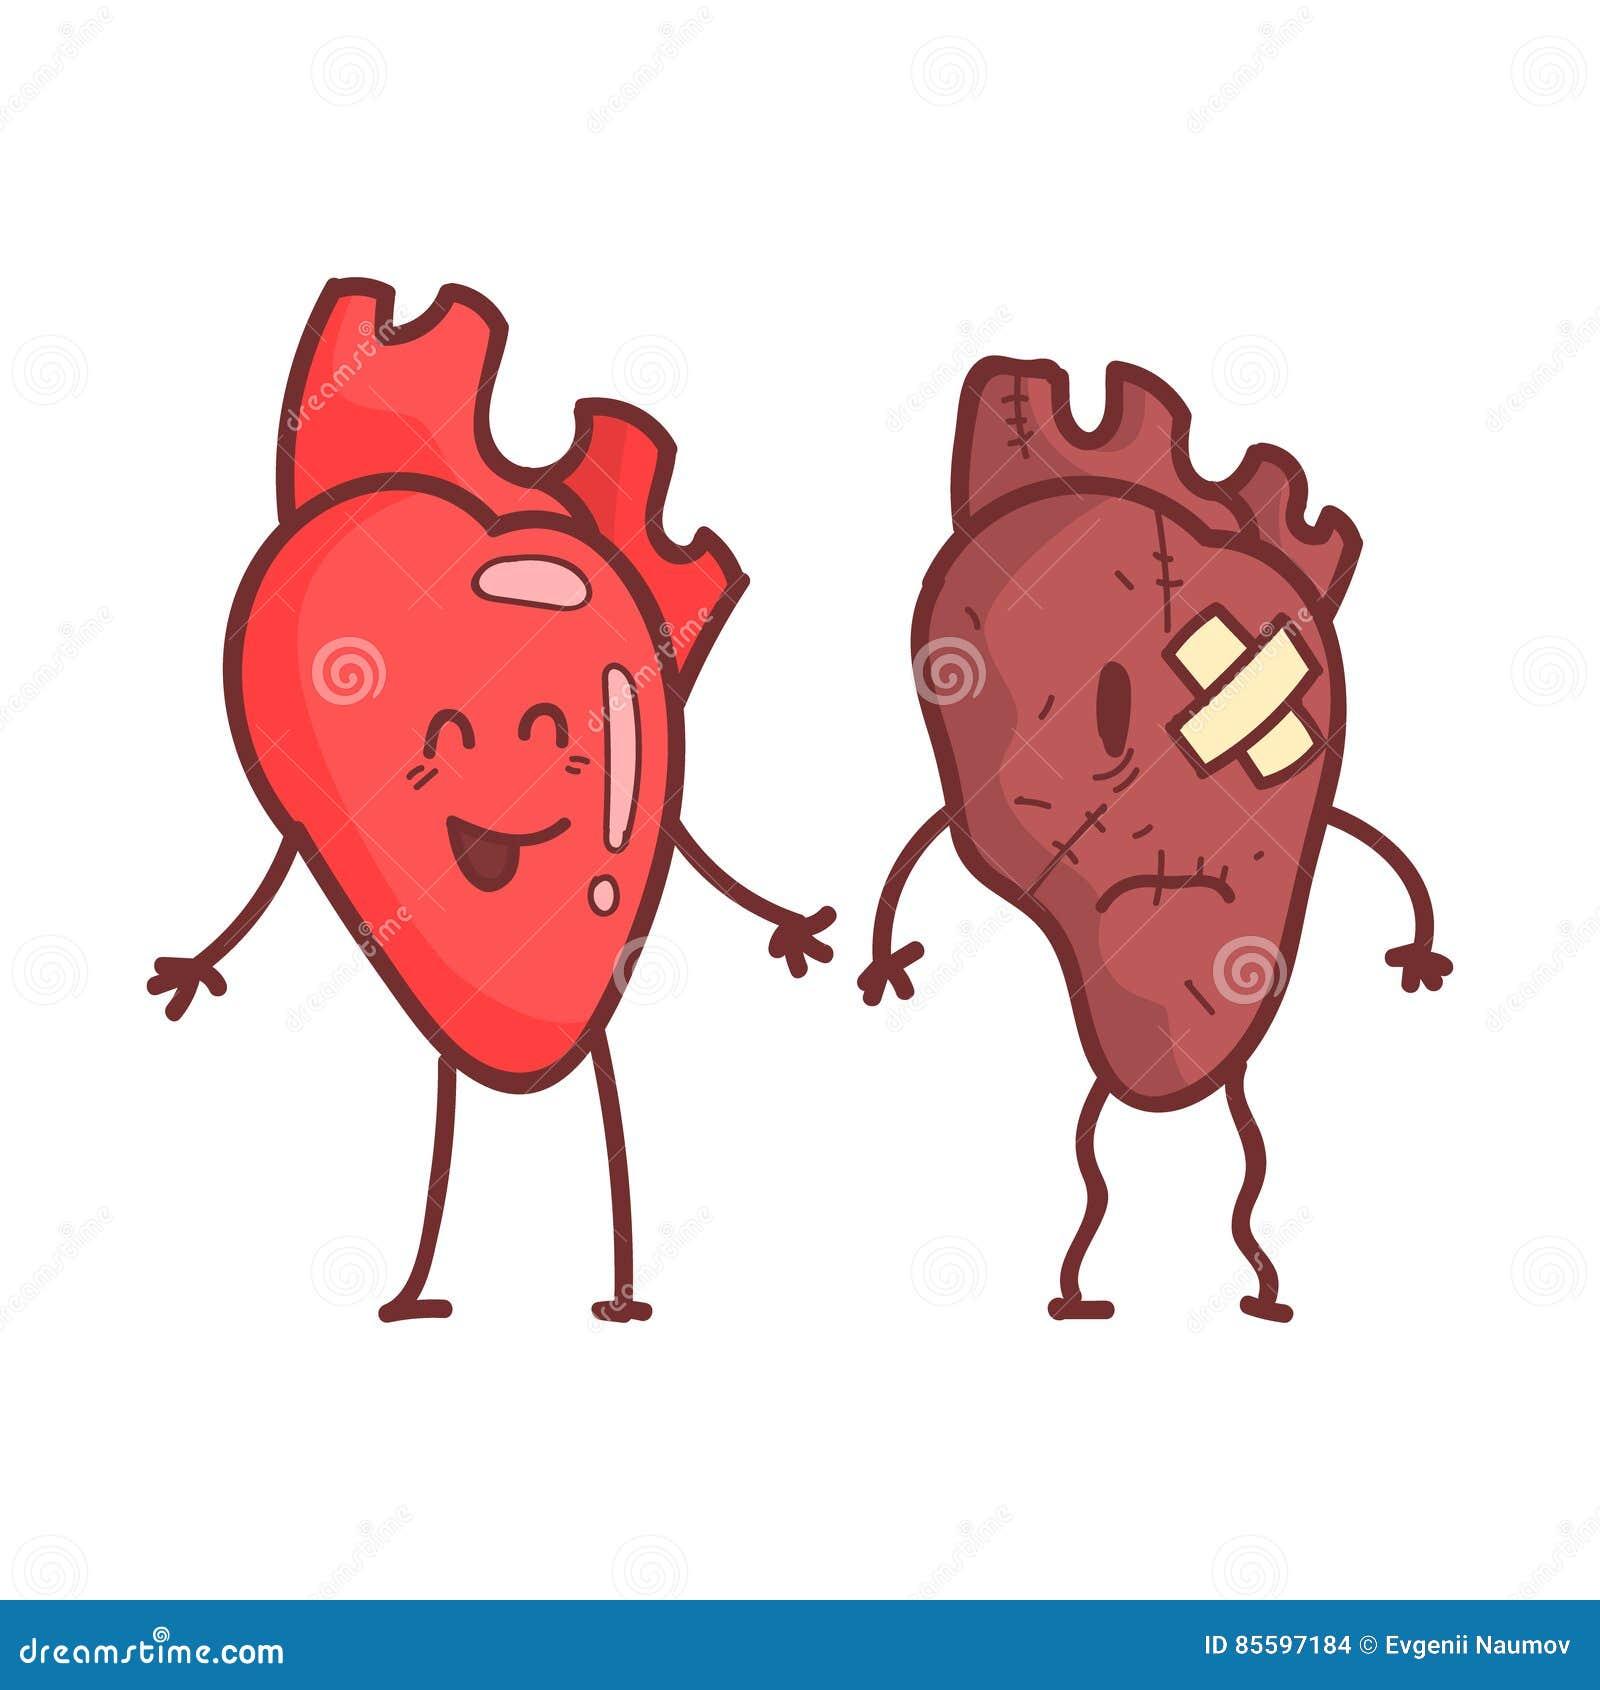 Ανθρώπινο εσωτερικό όργανο καρδιών υγιές εναντίον του ανθυγειινού, ιατρικού ανατομικού αστείου ζευγαριού χαρακτήρα κινουμένων σχε